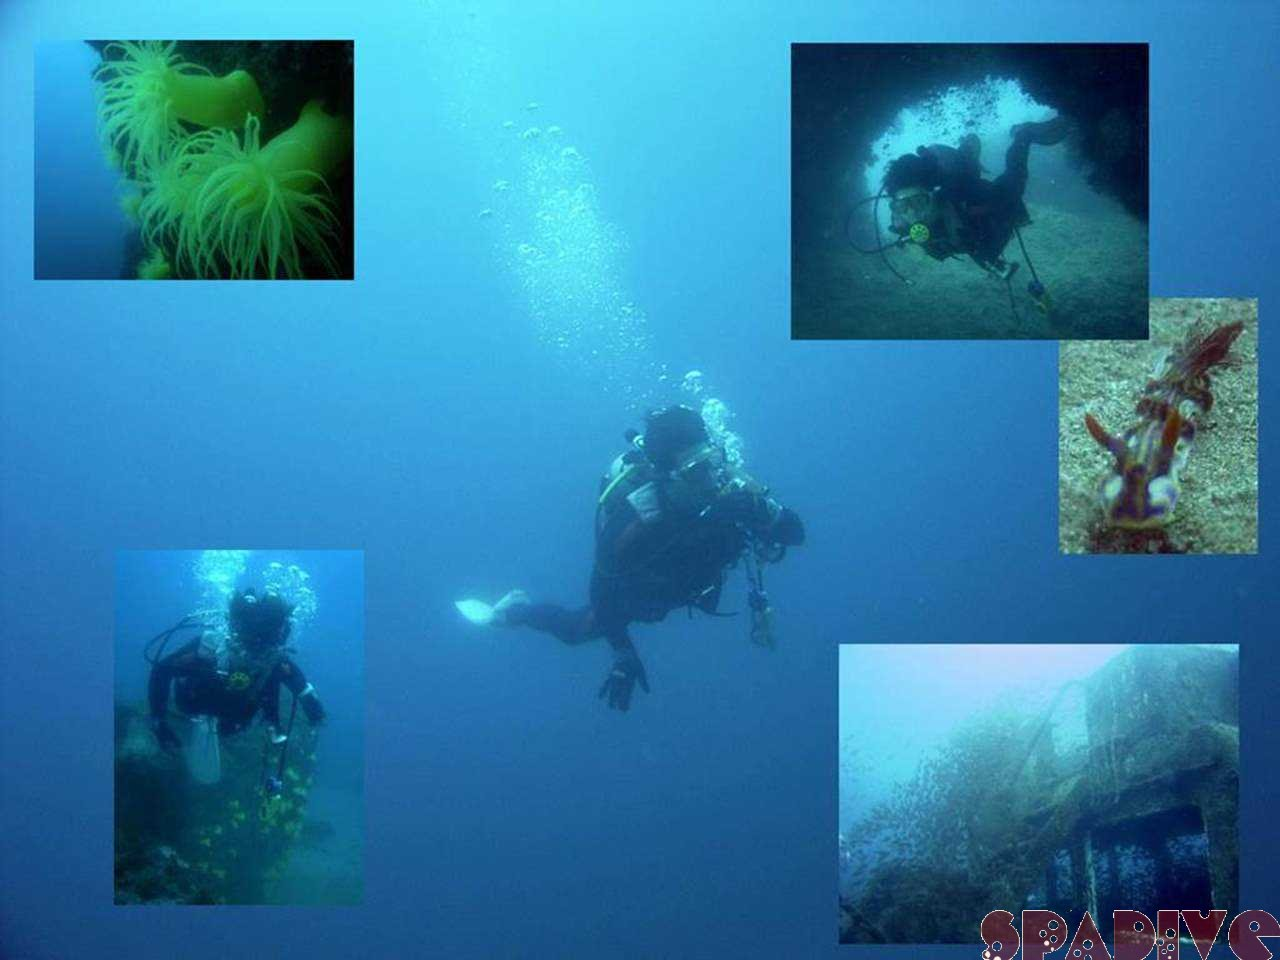 カスミの根&沈船ボートファンダイビング|4/15/2006白浜